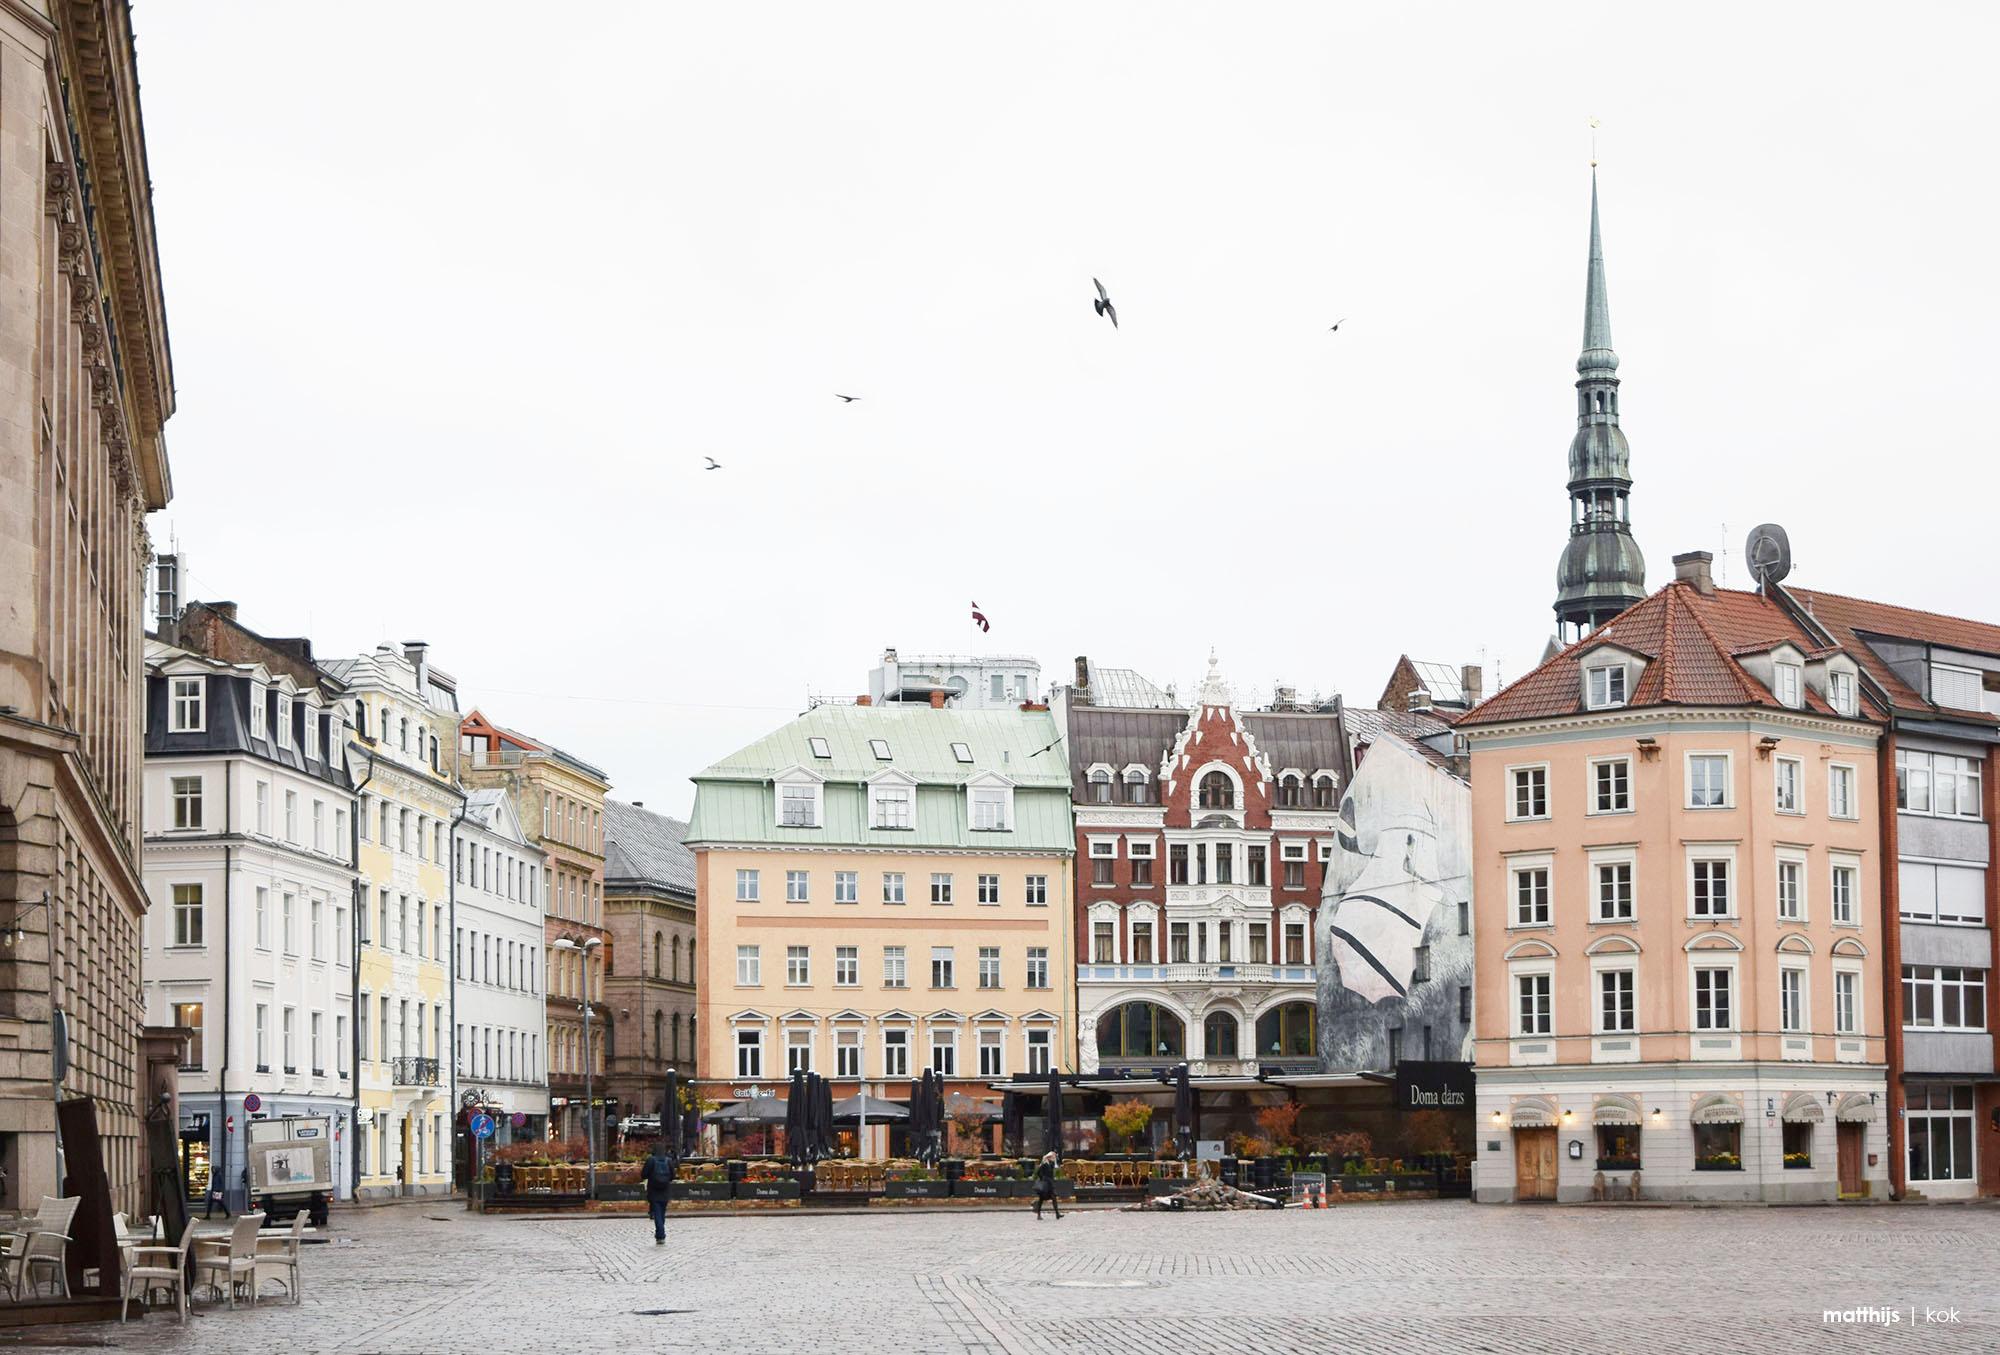 Doma Laukums, Riga, Latvia | Photo by Matthijs Kok